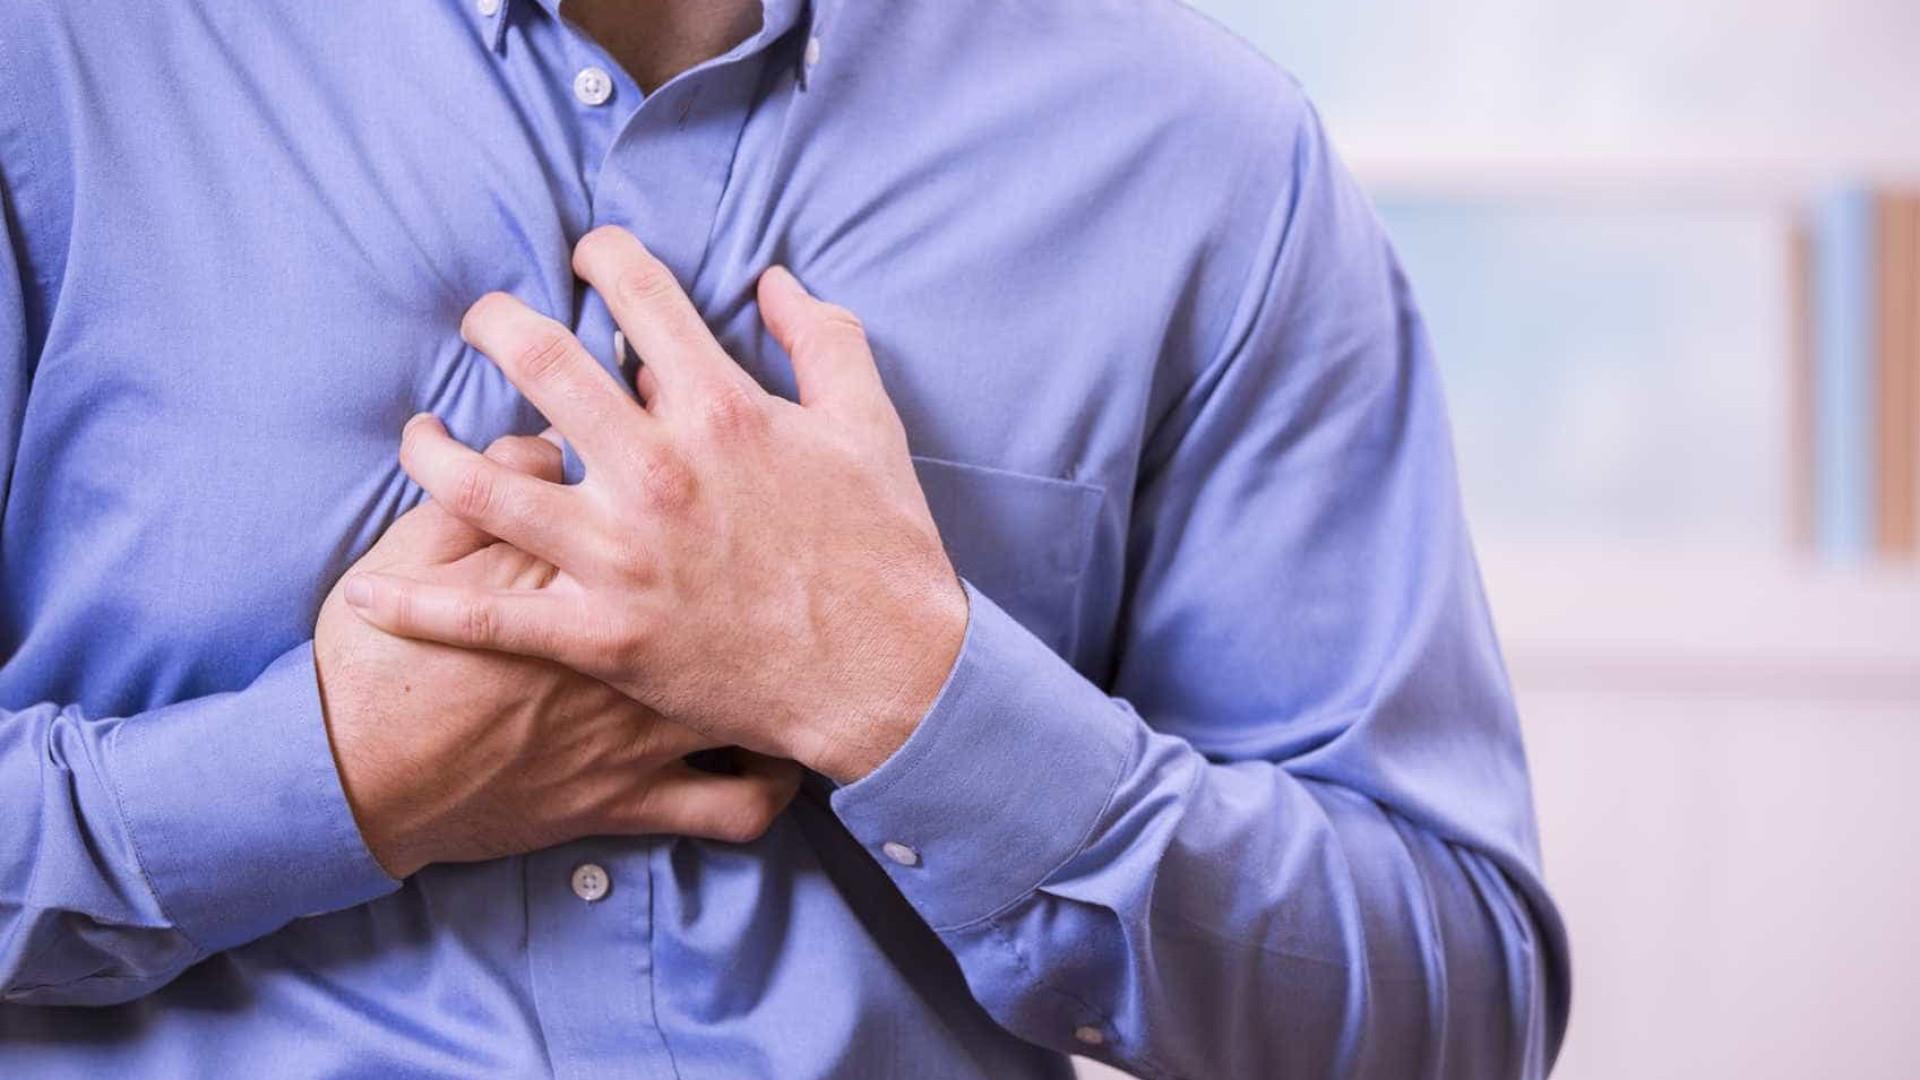 Dor no peito, tensão muscular e insônia são sintomas da ansiedade